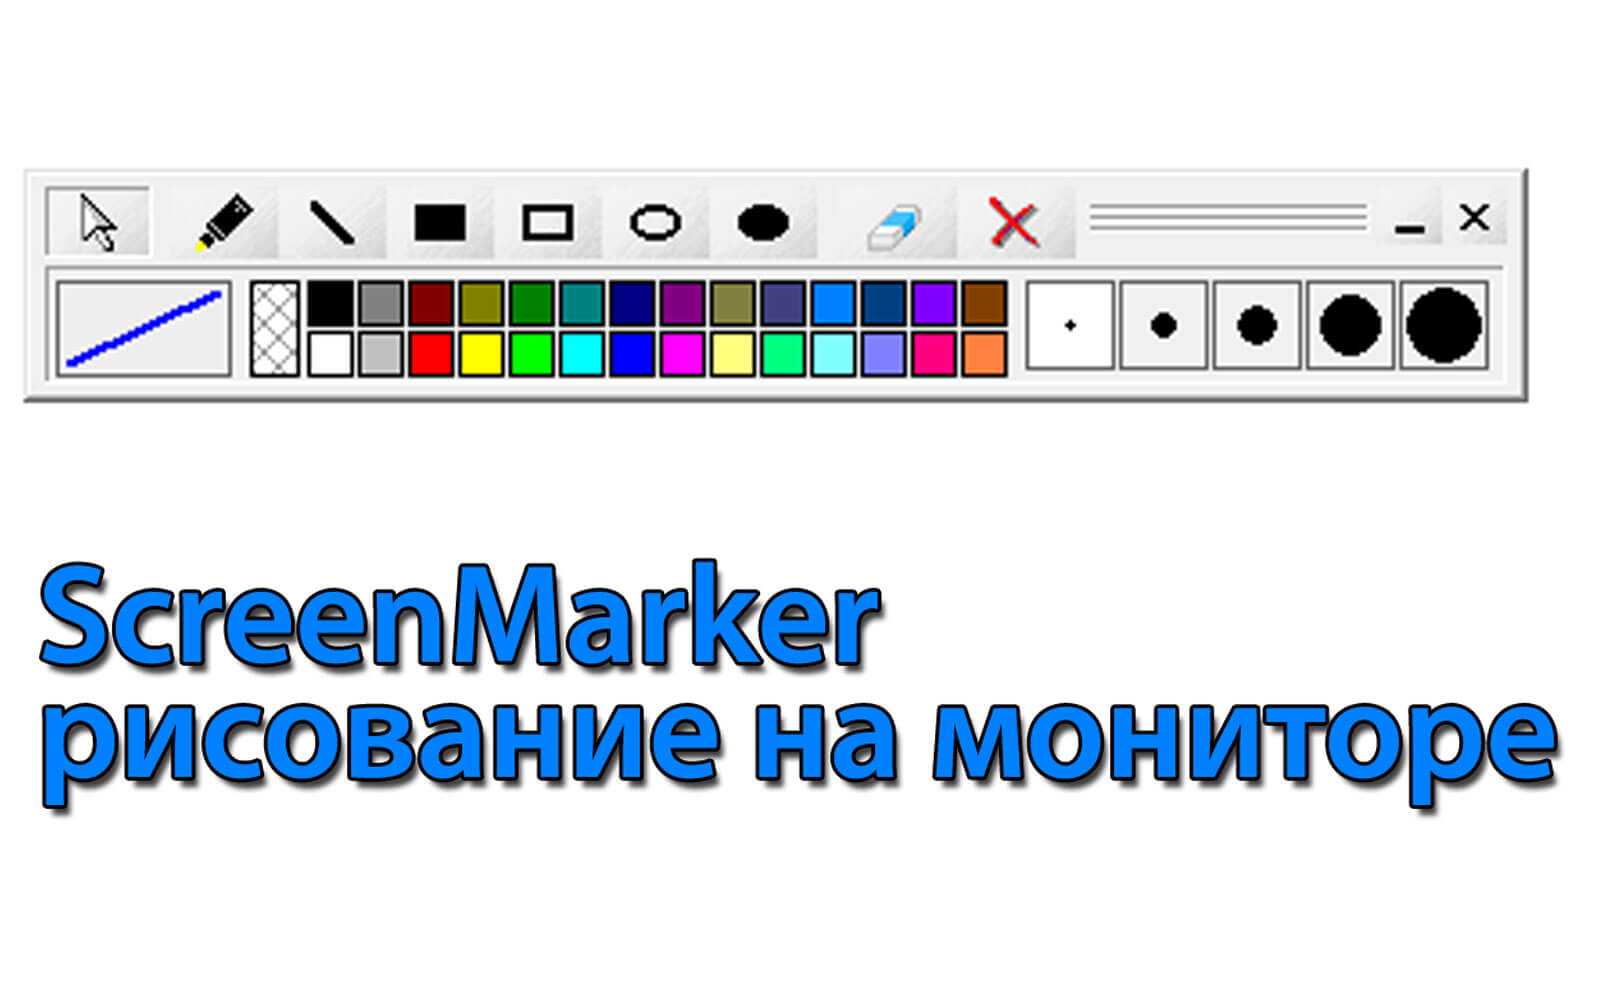 ScreenMarker рисование на мониторе